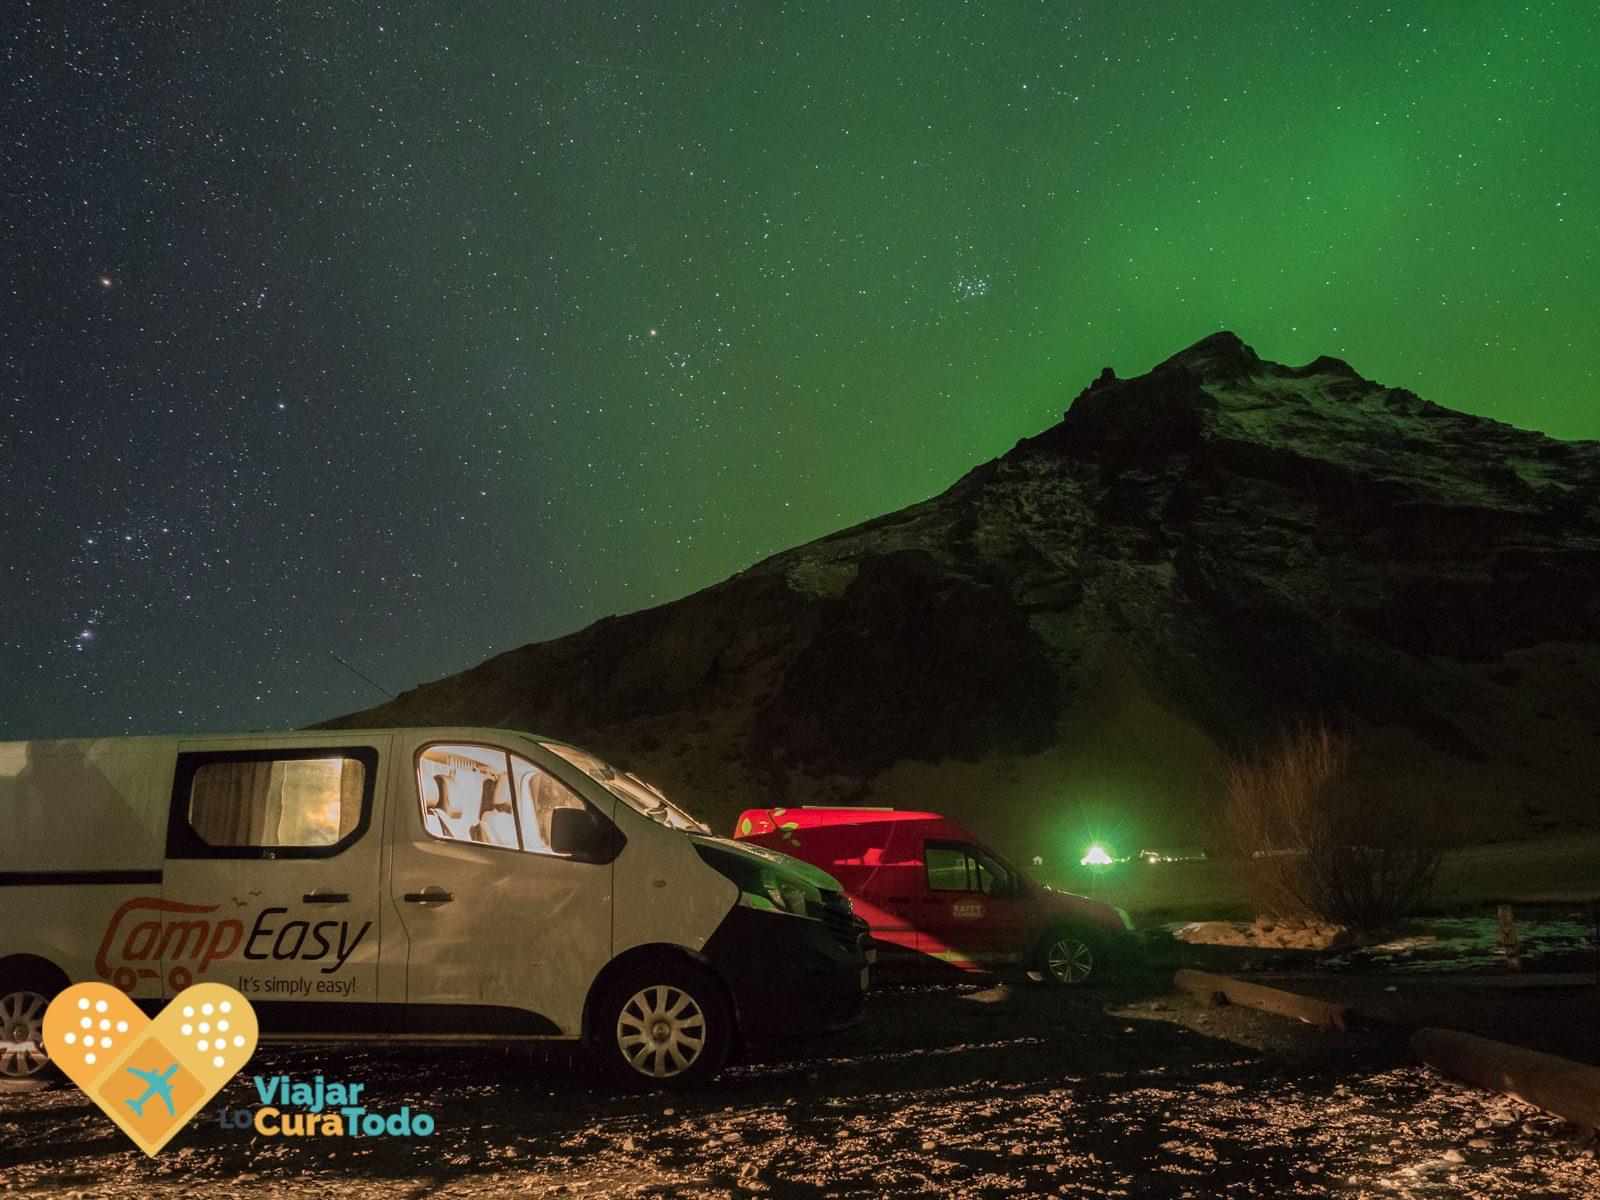 auroras campeasy iceland